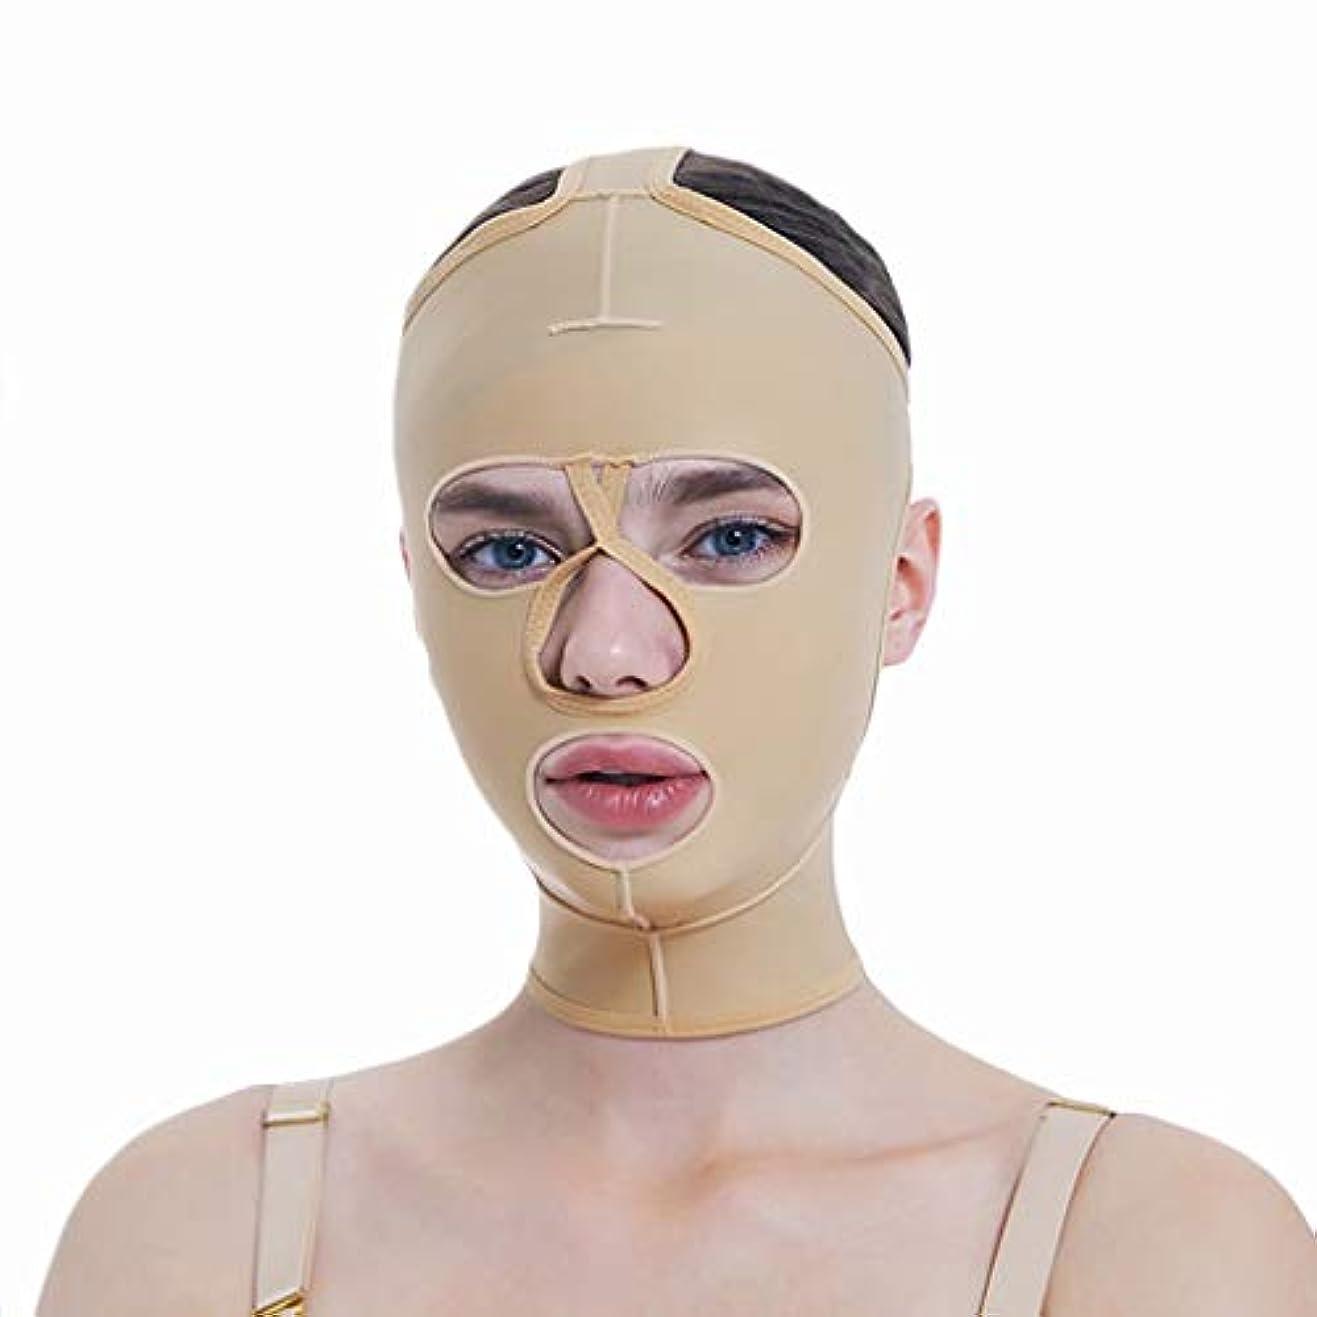 ケニア人質程度XHLMRMJ 顔の減量マスク、フルカバレッジ包帯、フルフェイスリフティングマスク、フェイスマスク、快適で通気性、リフティングシェーピング (Size : M)